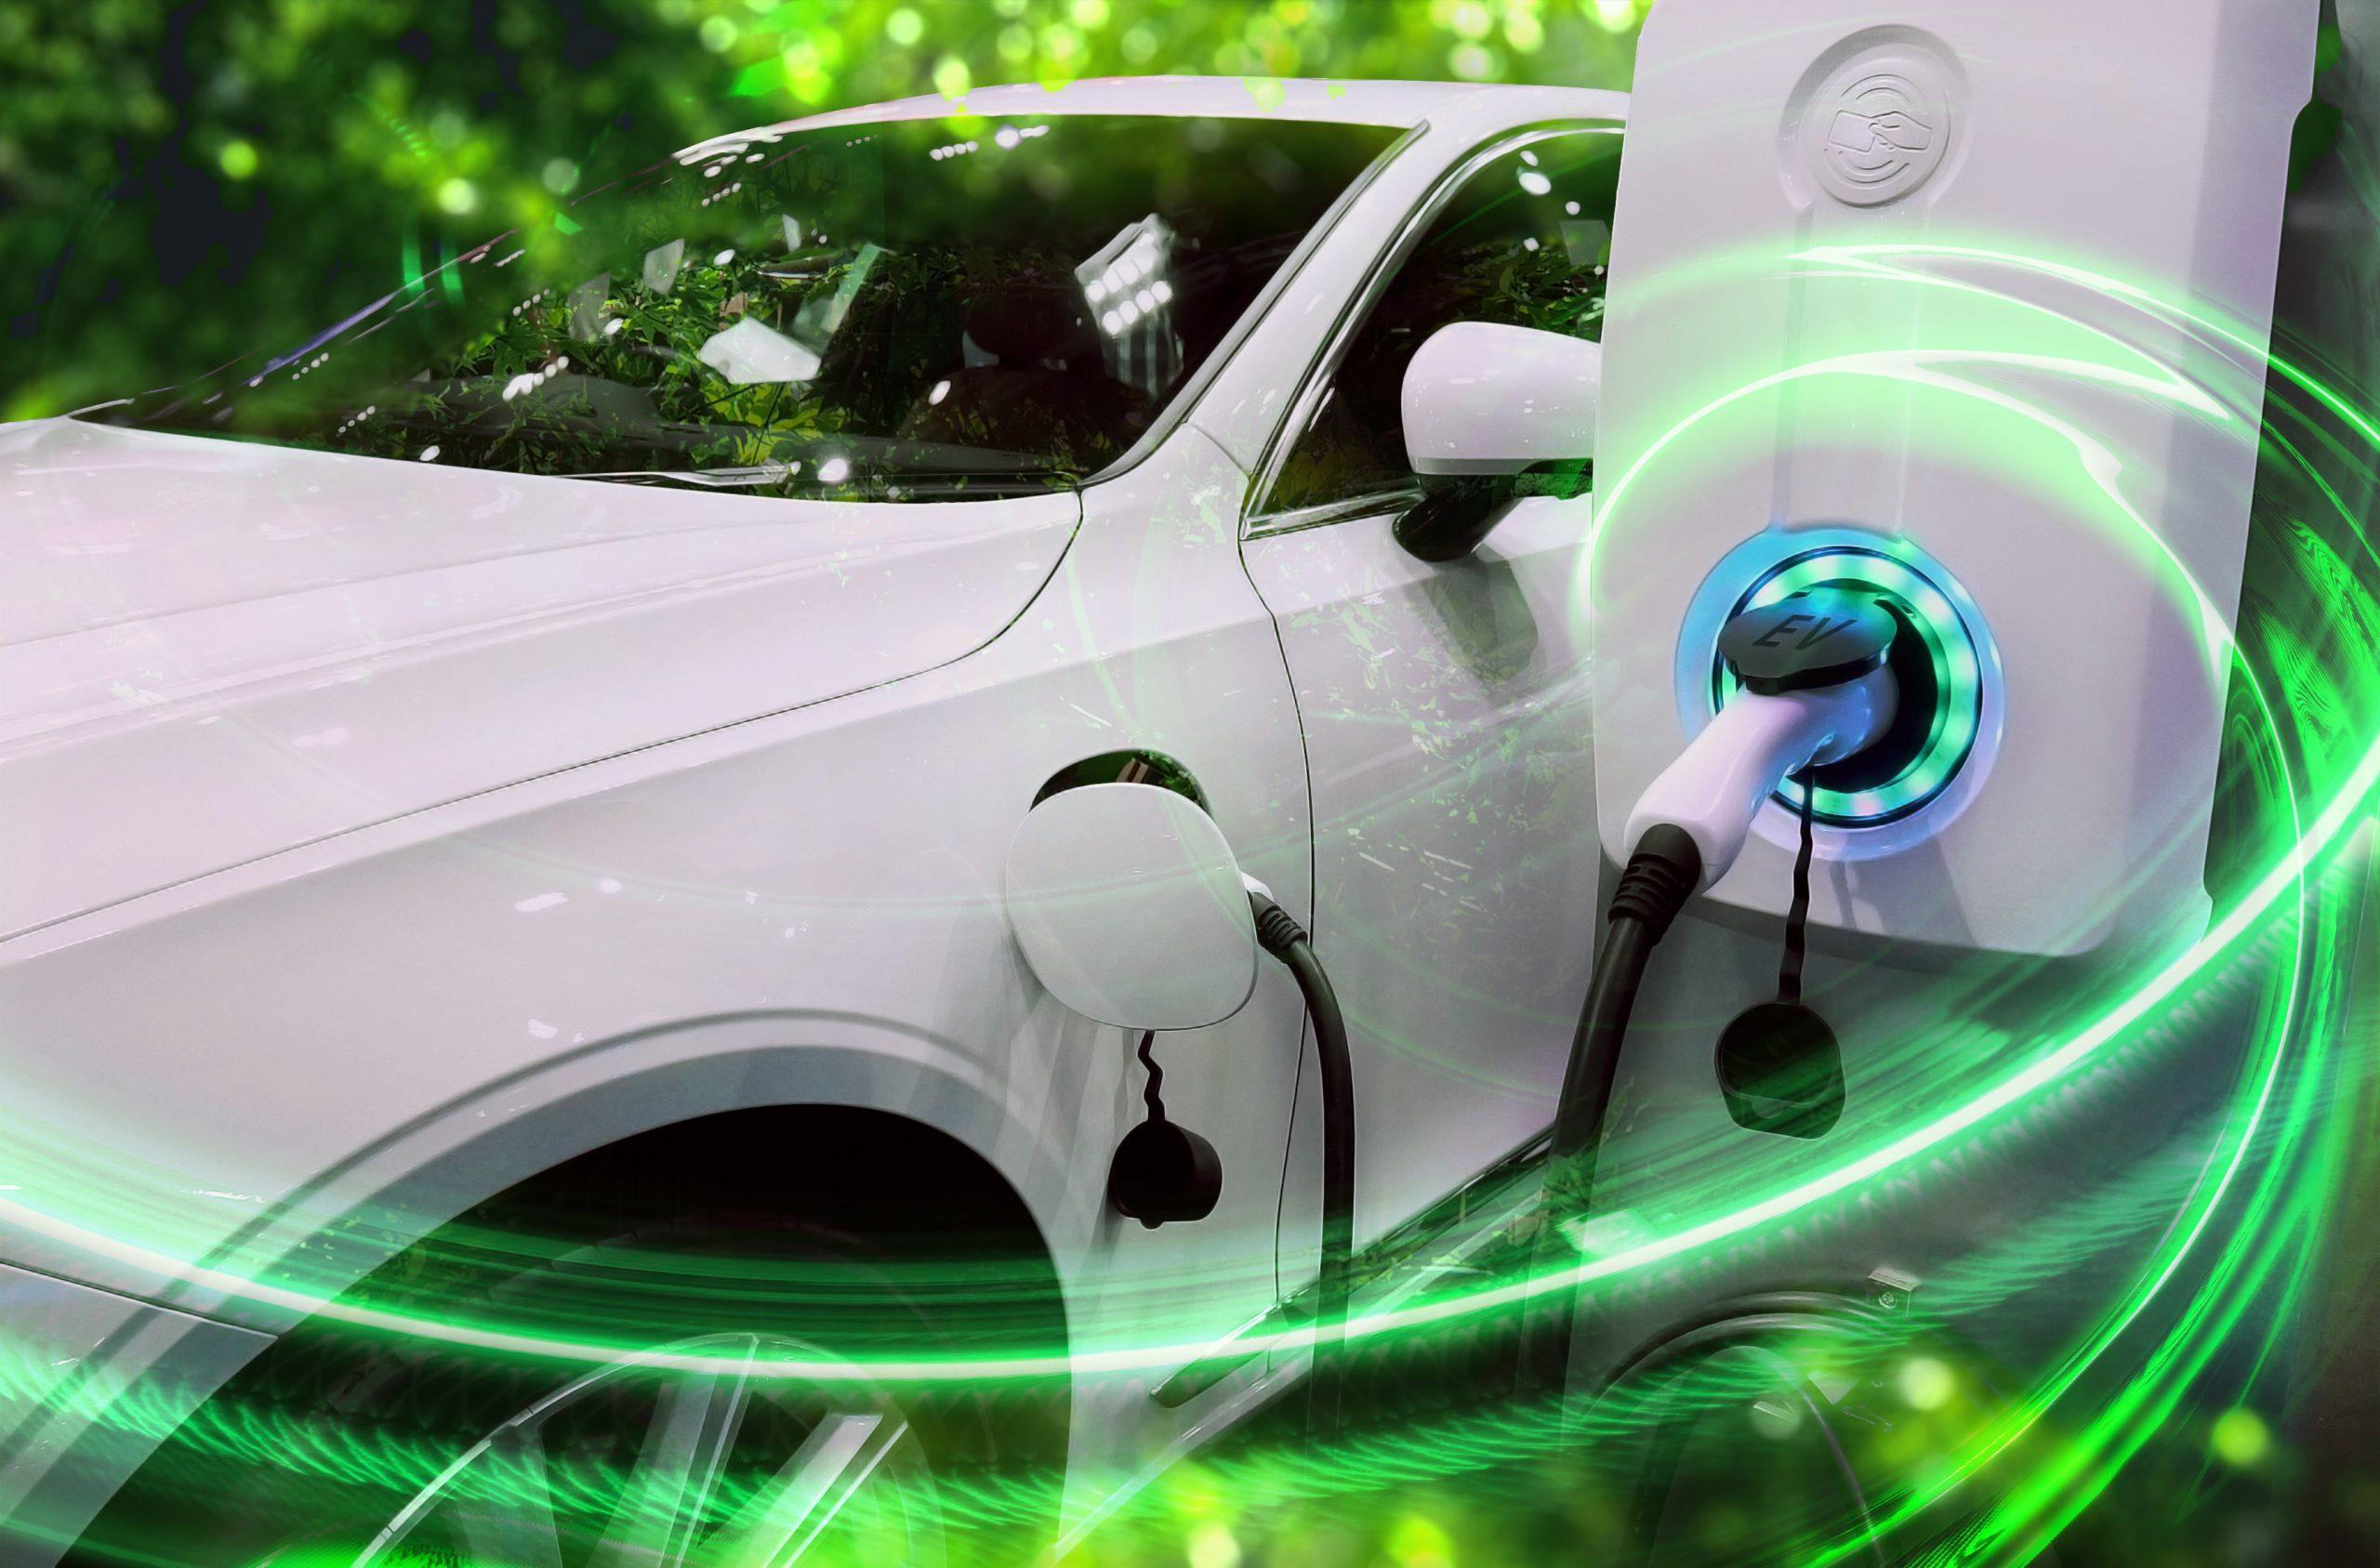 El Gobierno Municipal propone una bonificación del 75% en el IVTM para vehículos eléctricos e híbridos